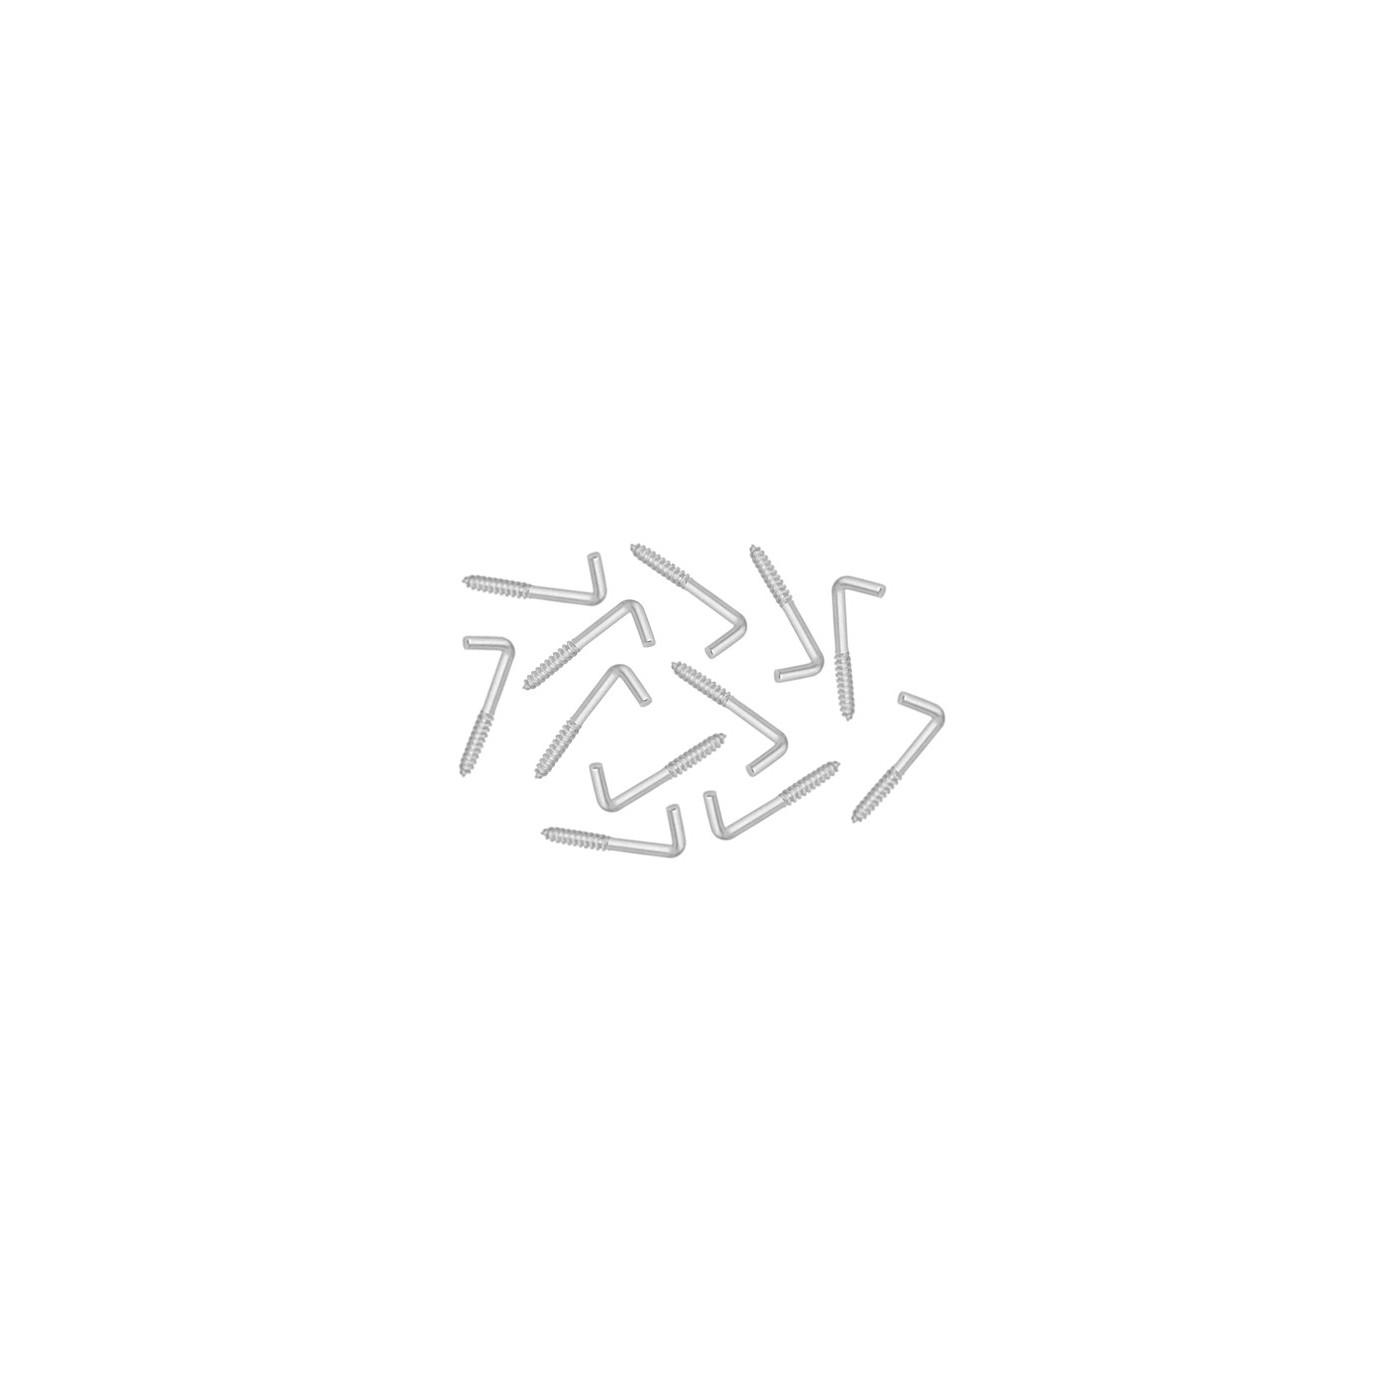 Set von 96 Metallschraubenhaken (3 cm Länge)  - 1